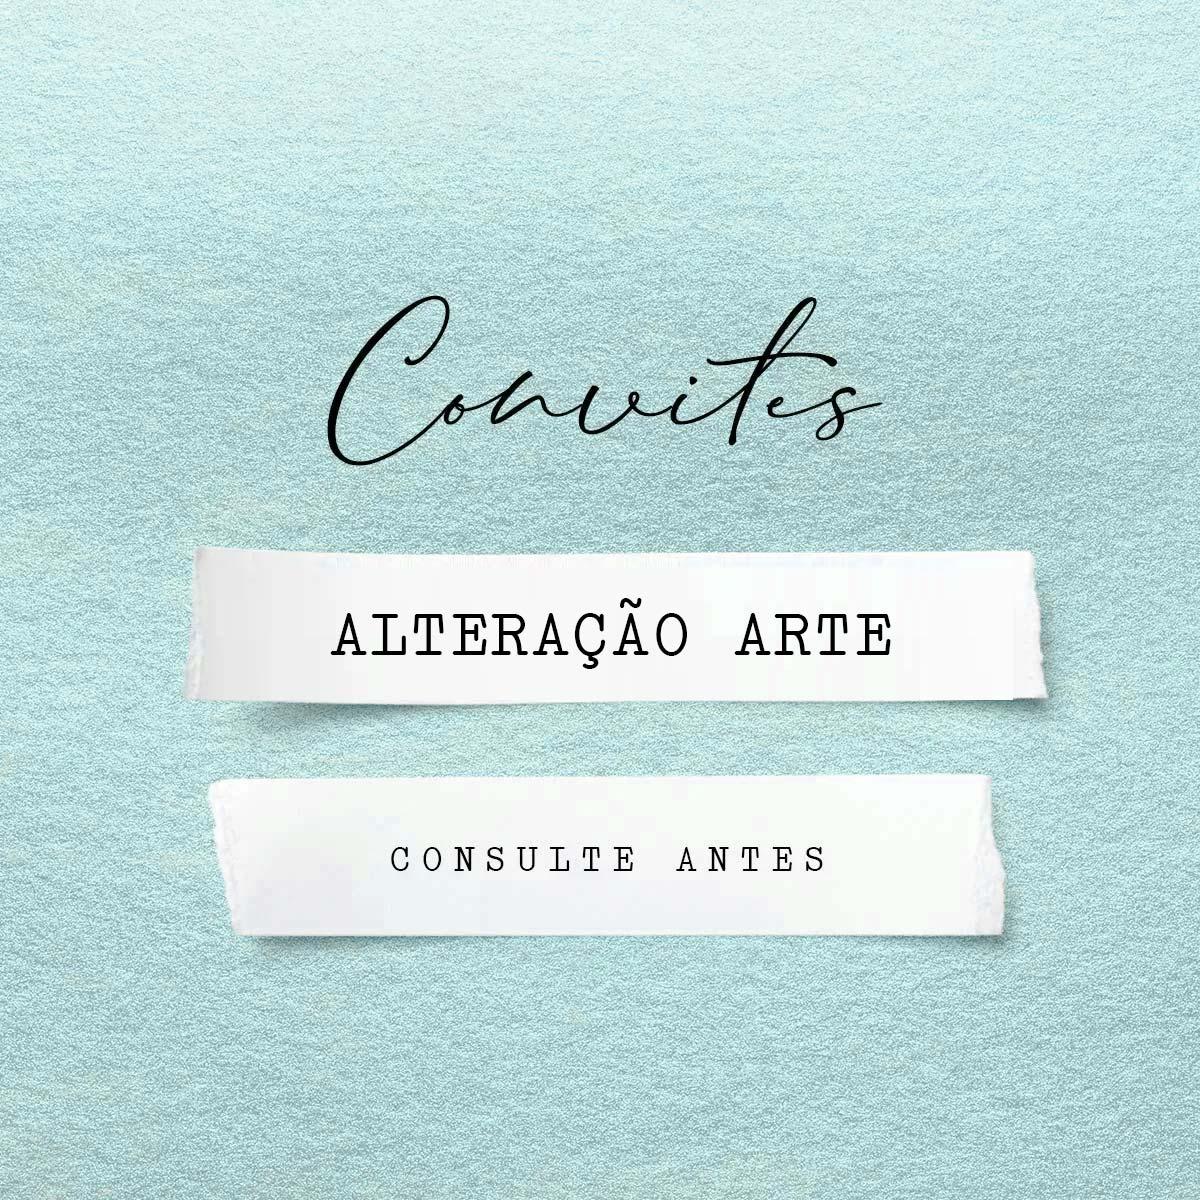 Alteração arte convite   Arte